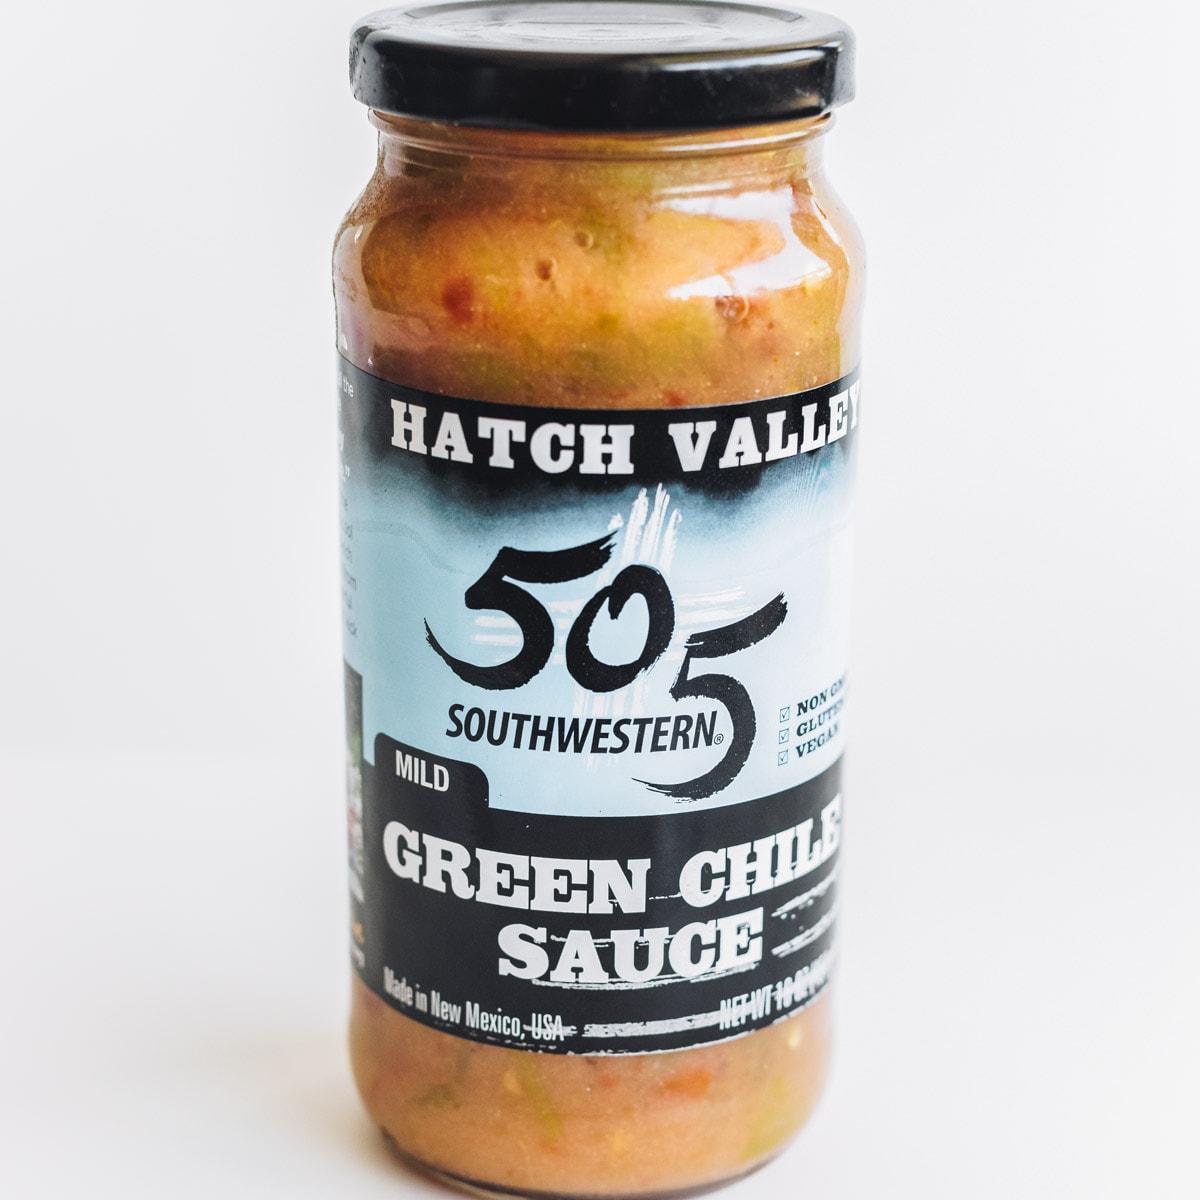 A jar of 505 green chile sauce for green chili burrito recipe